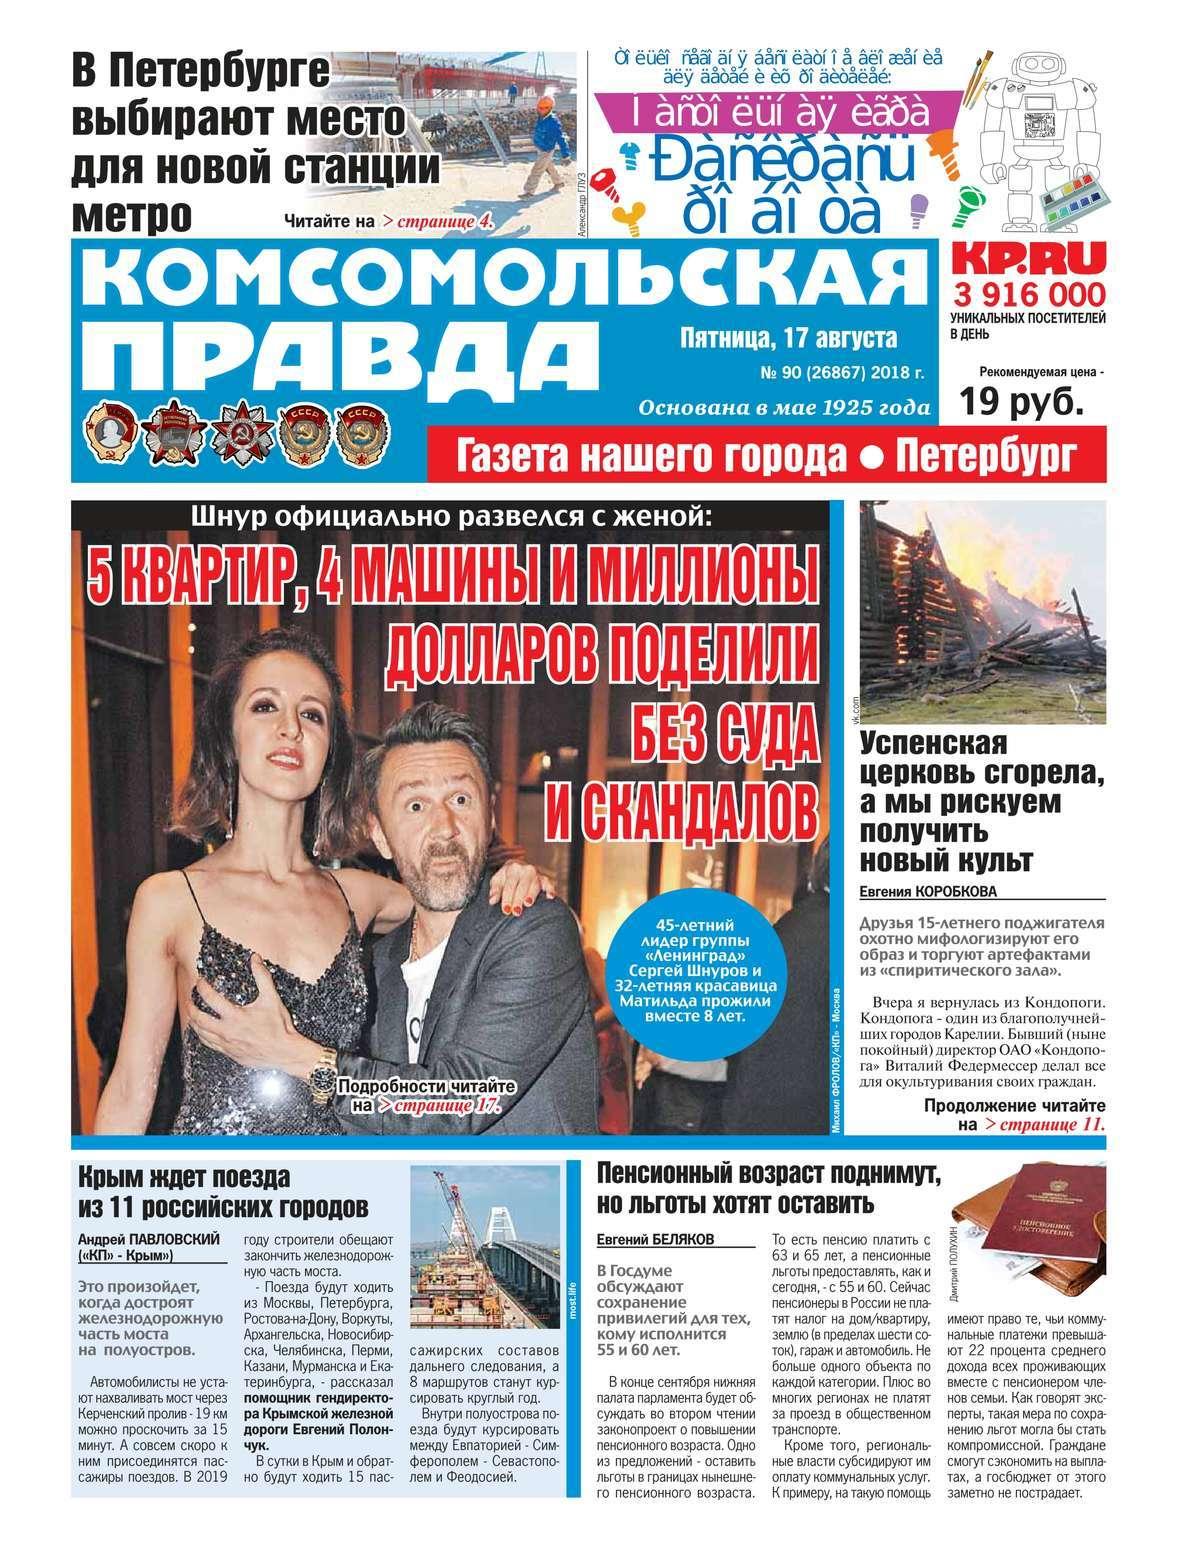 Комсомольская Правда. Санкт-Петербург 90-2018